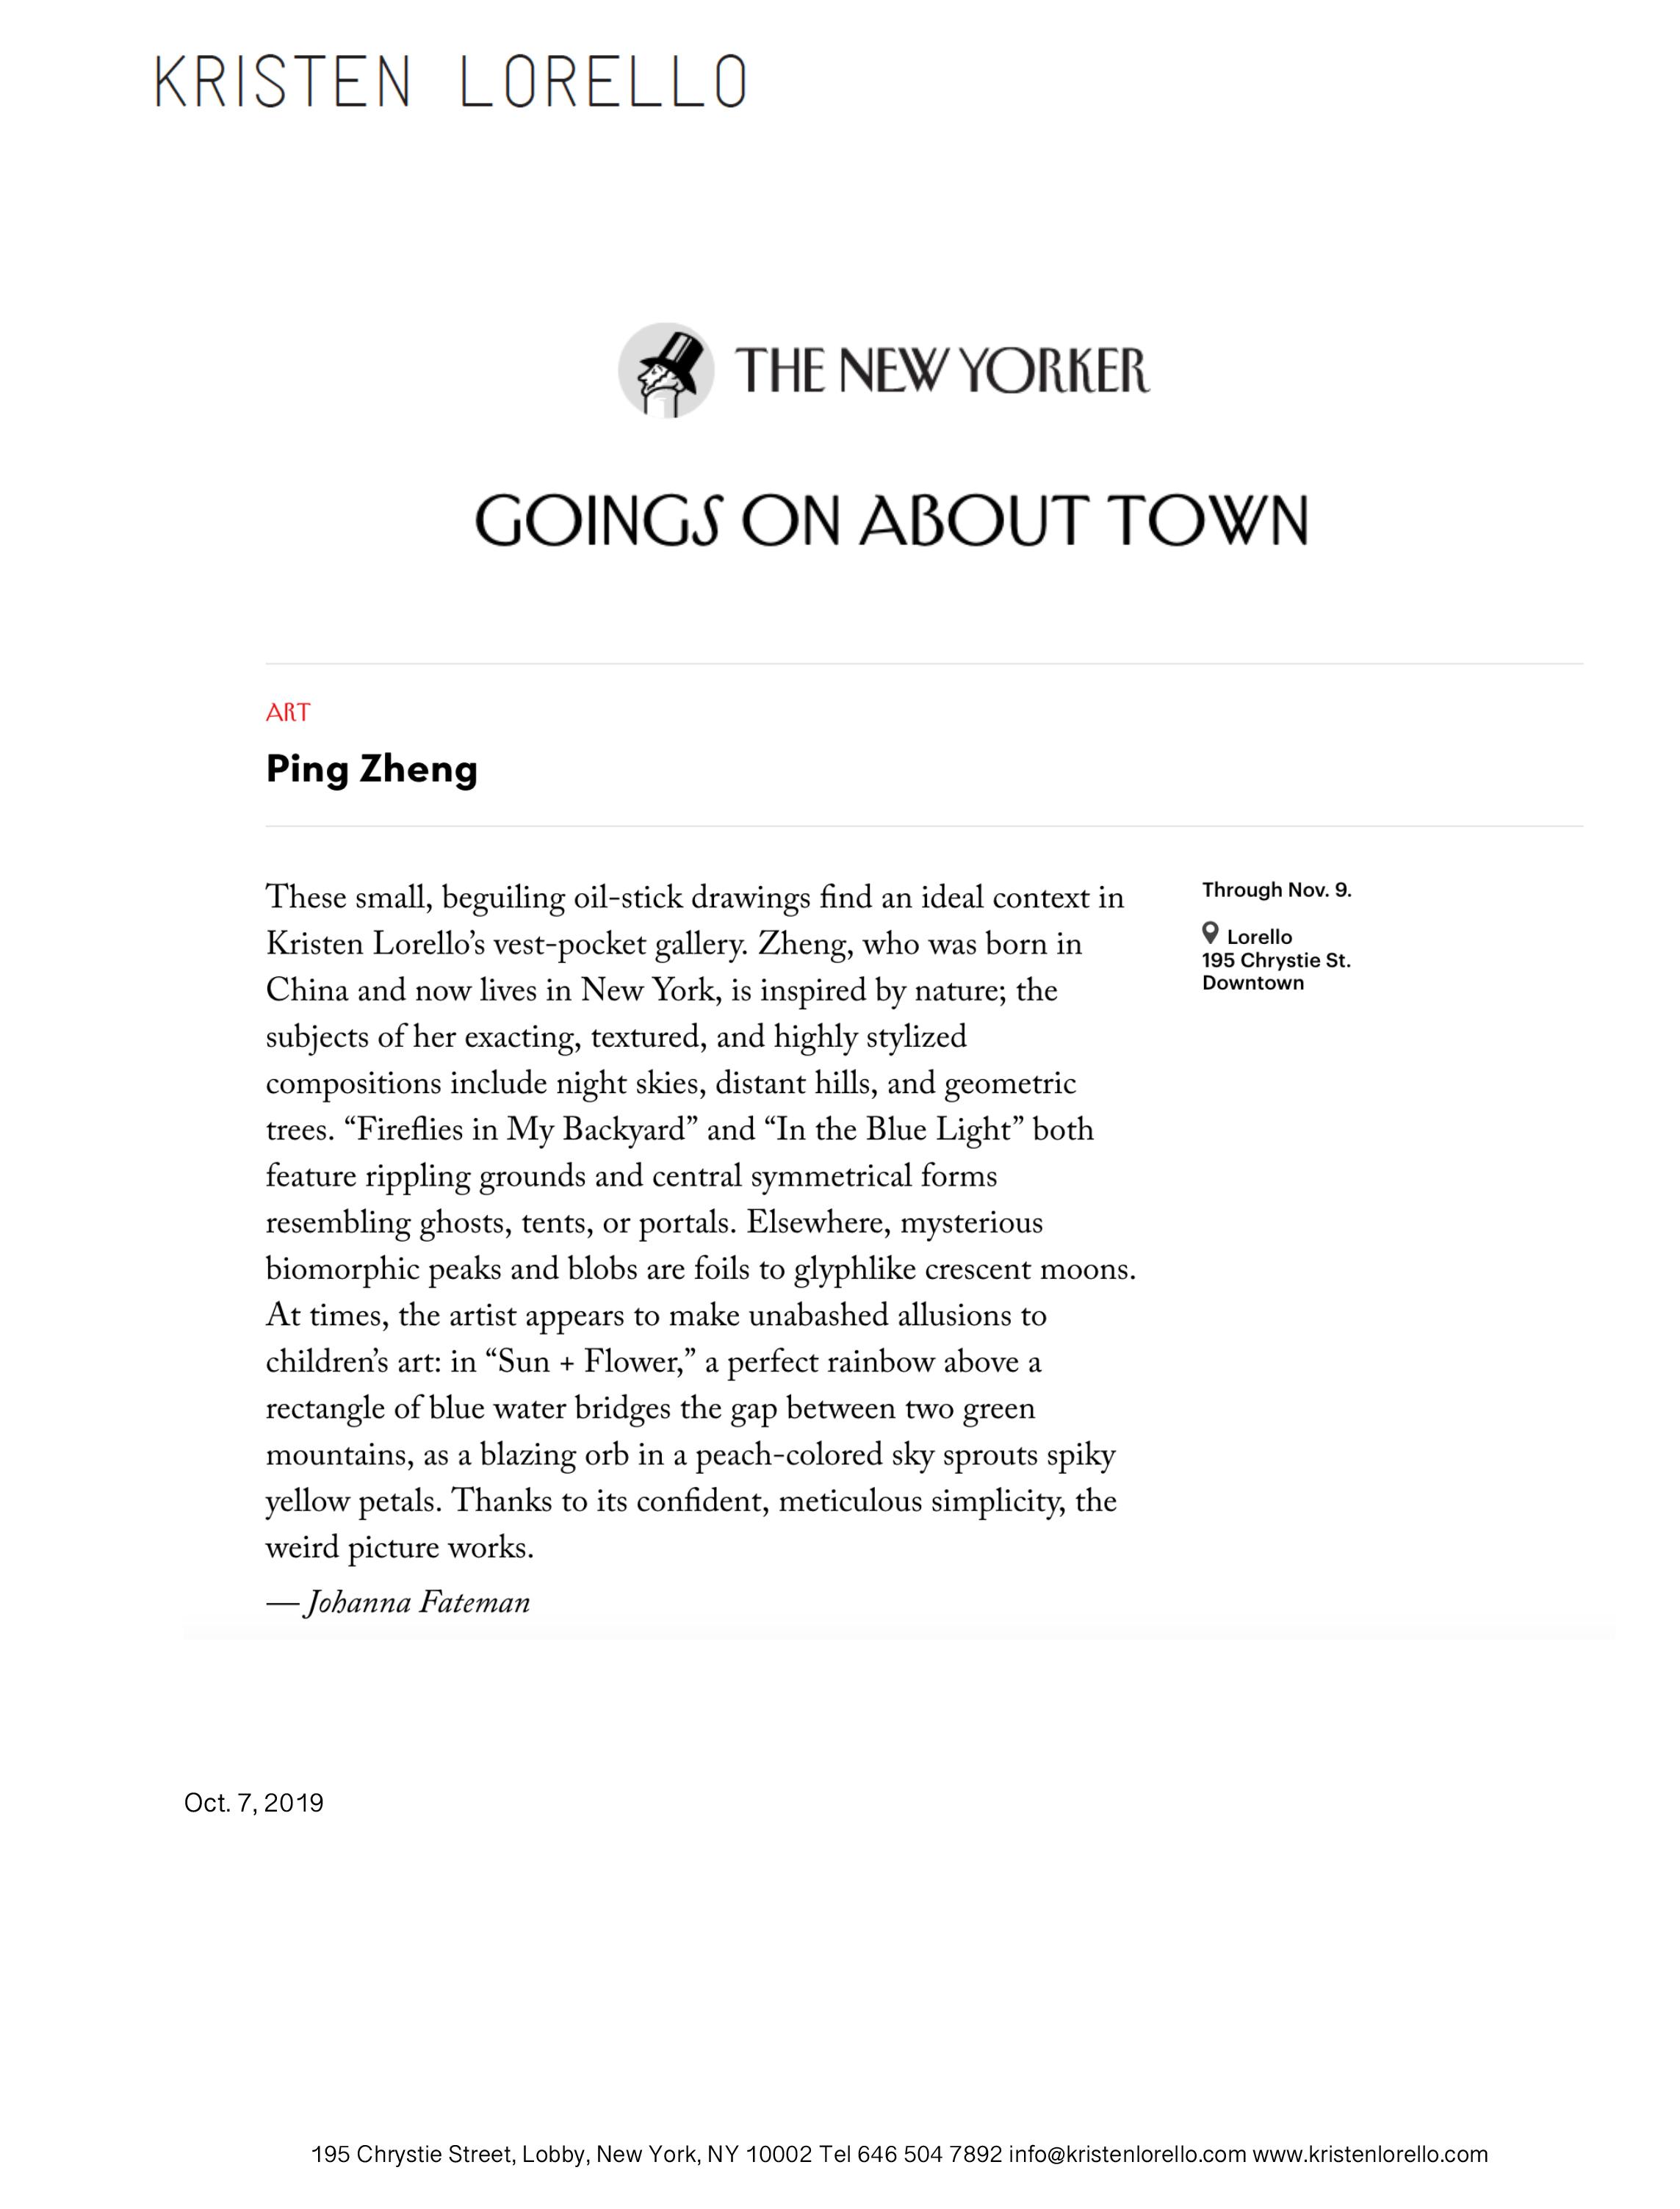 Ping Zheng - Johanna FatemanThe New YorkerOct. 7, 2019READ MORE